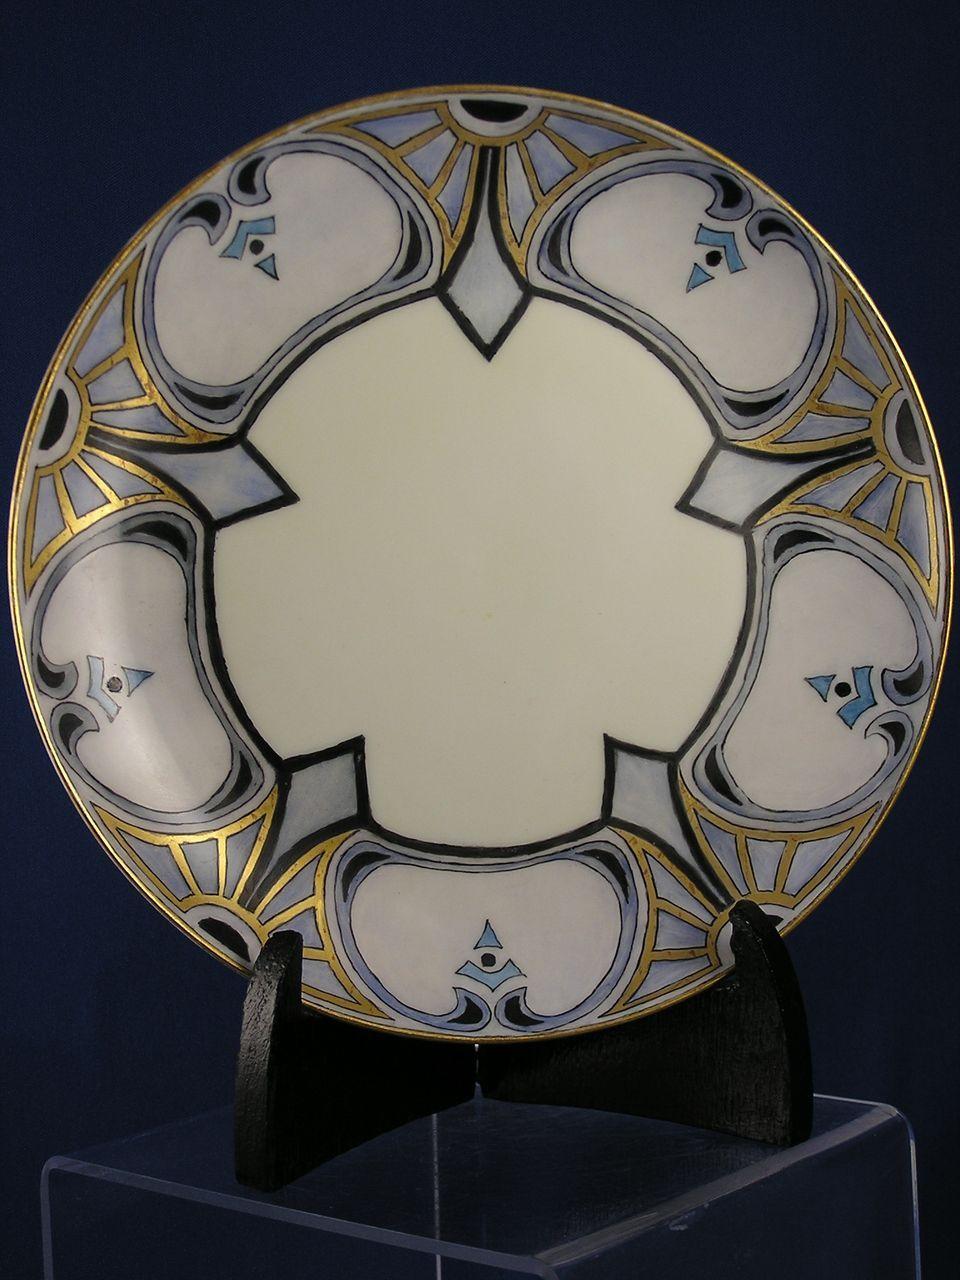 Mavaleix Limoges Art Deco Plate Signed Quot Endicott Quot C 1908